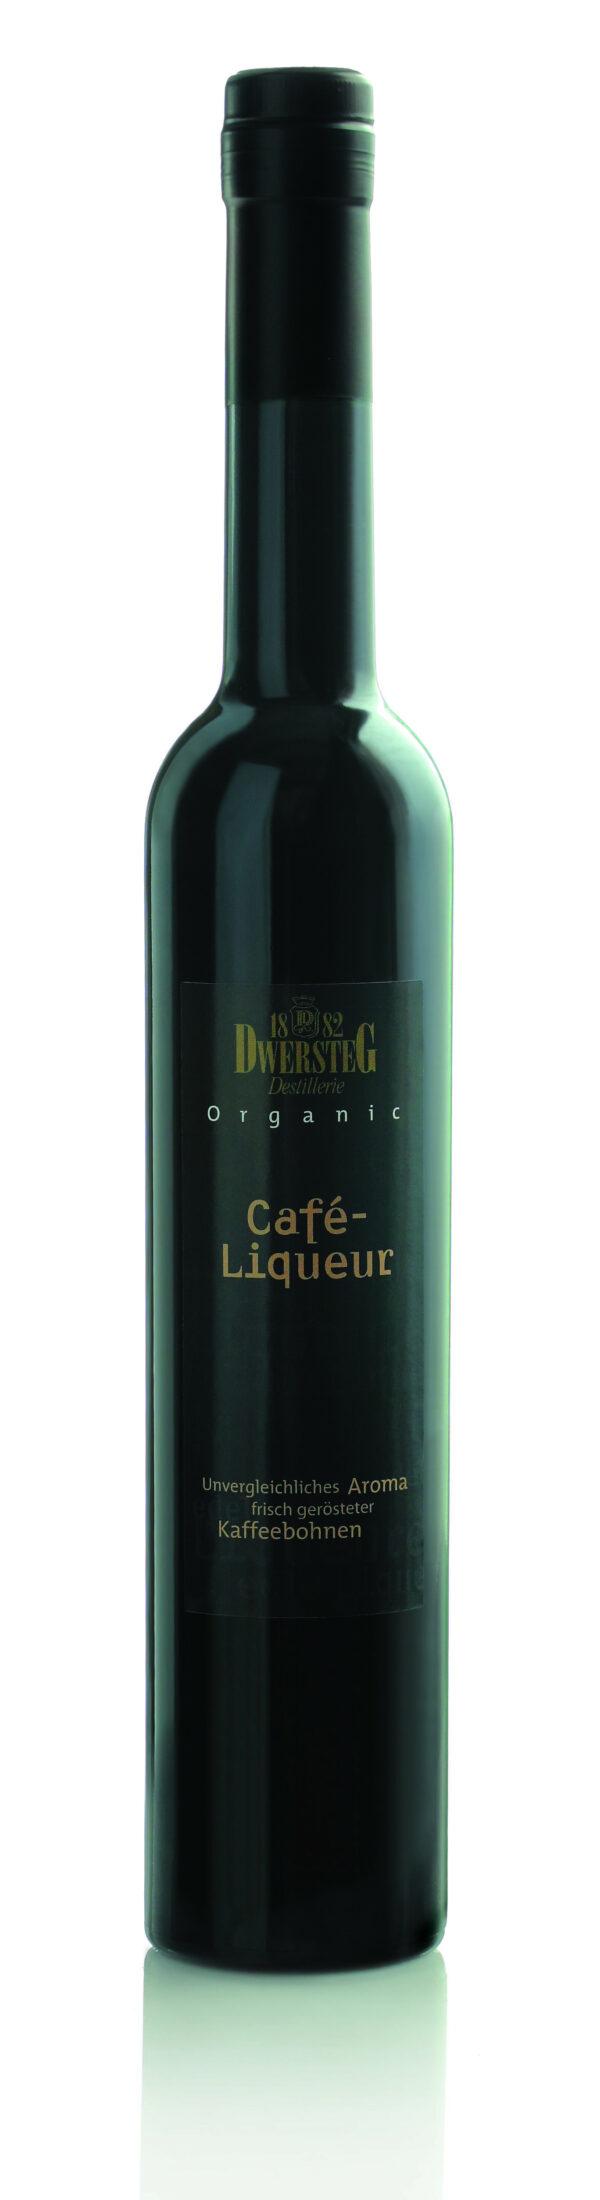 Dwersteg Organic Café-Liqueur 0,5l